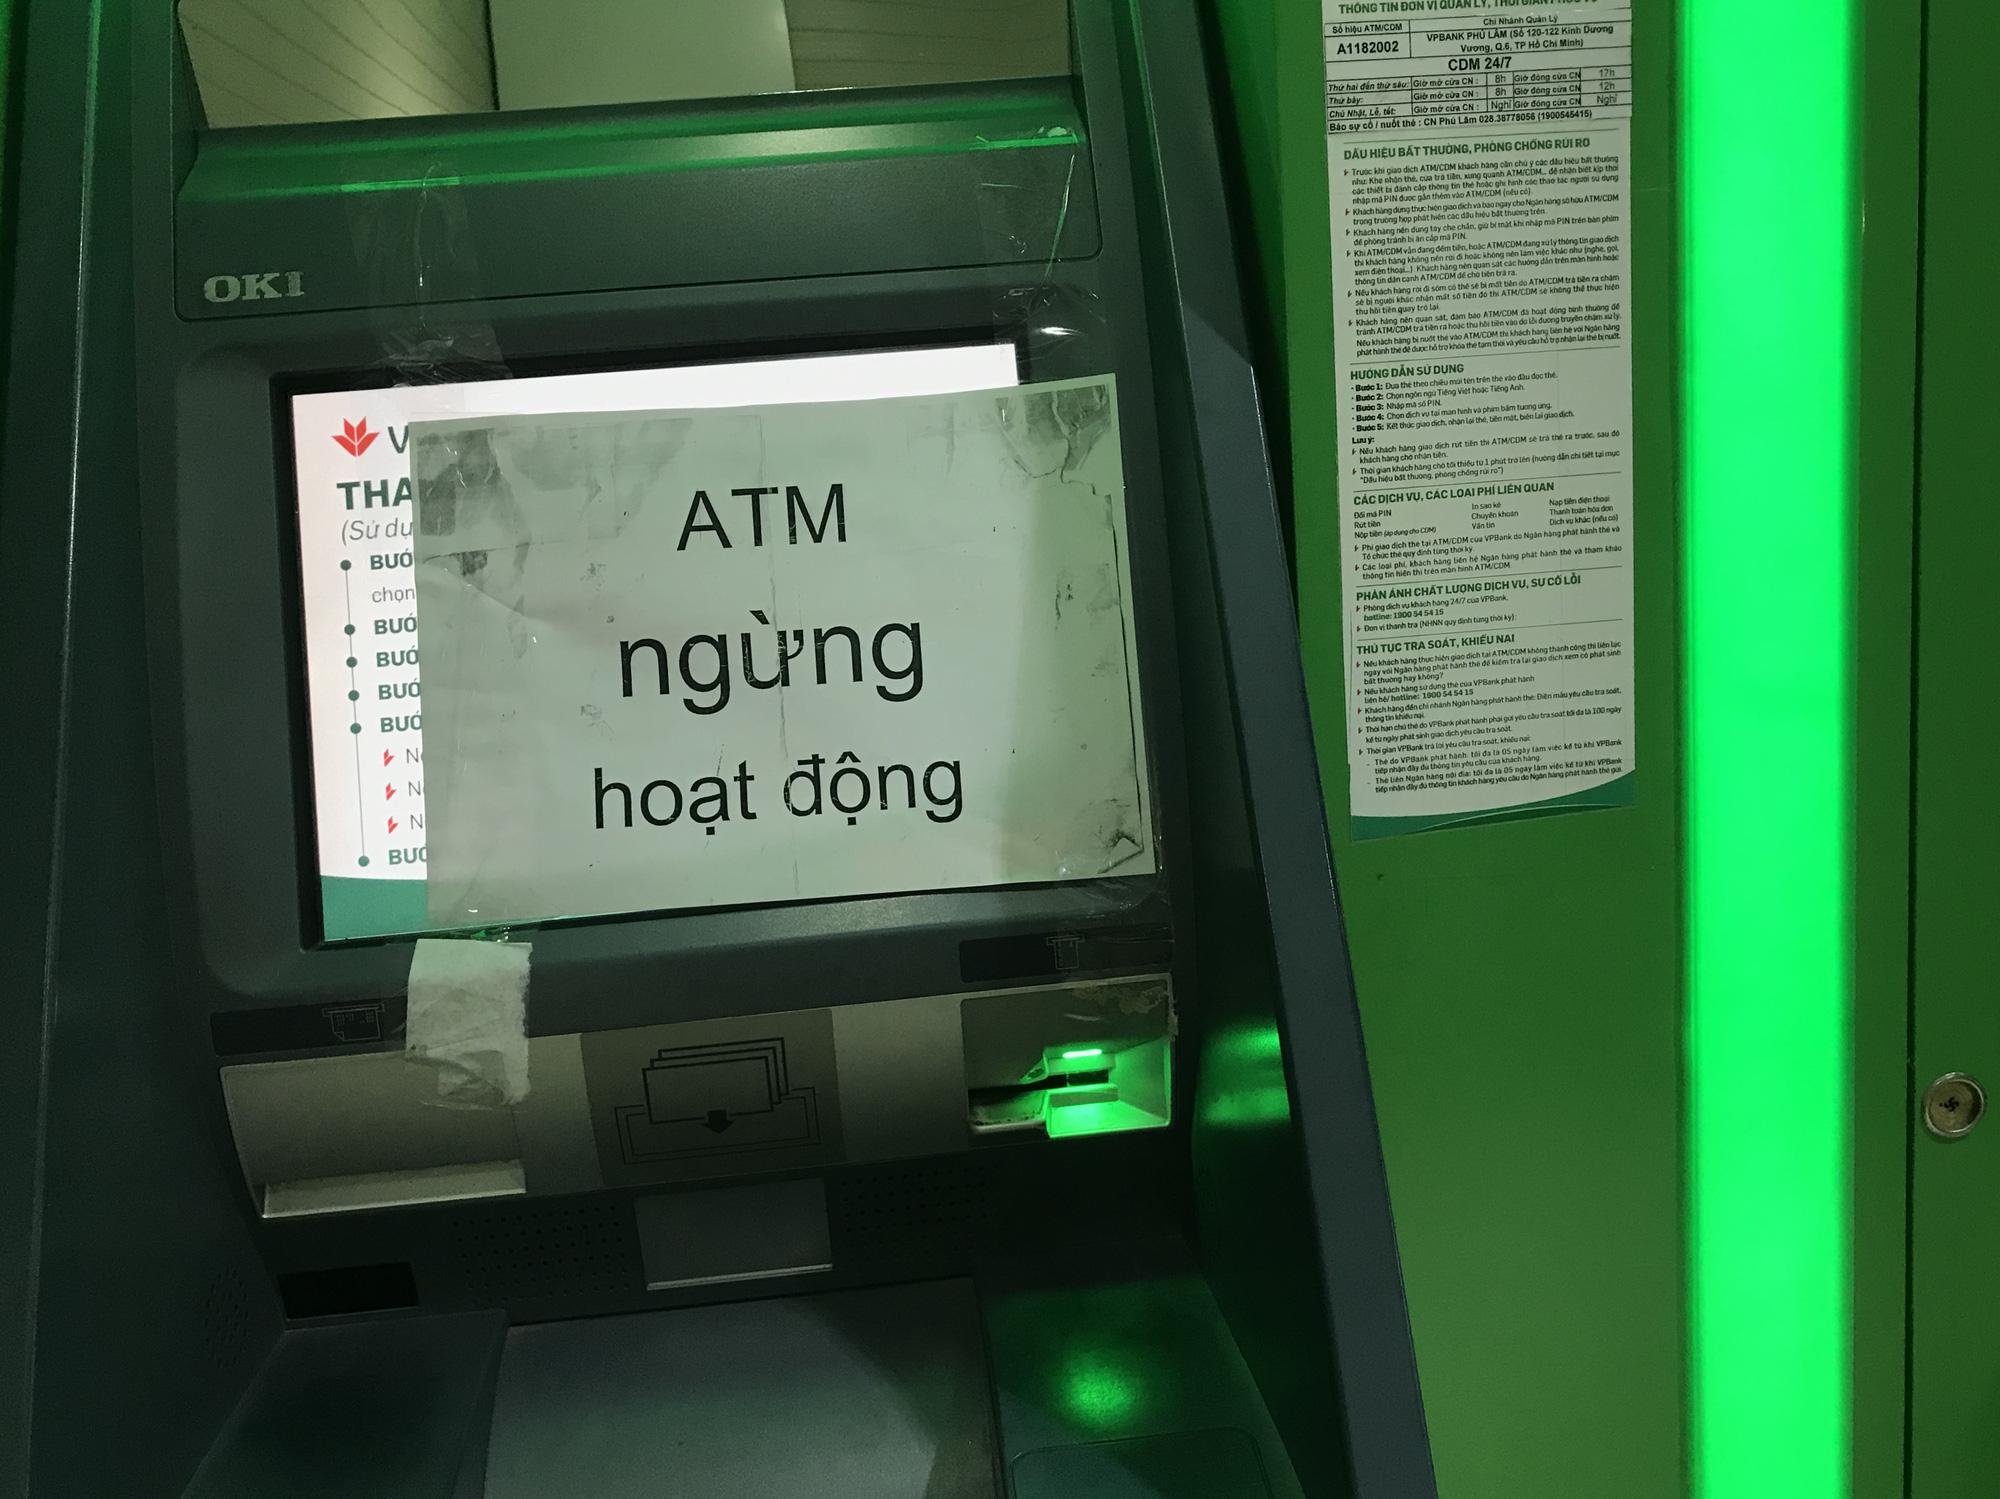 Chưa tới Tết, ATM đã hết tiền, cáo bệnh ngừng hoạt động - Ảnh 2.